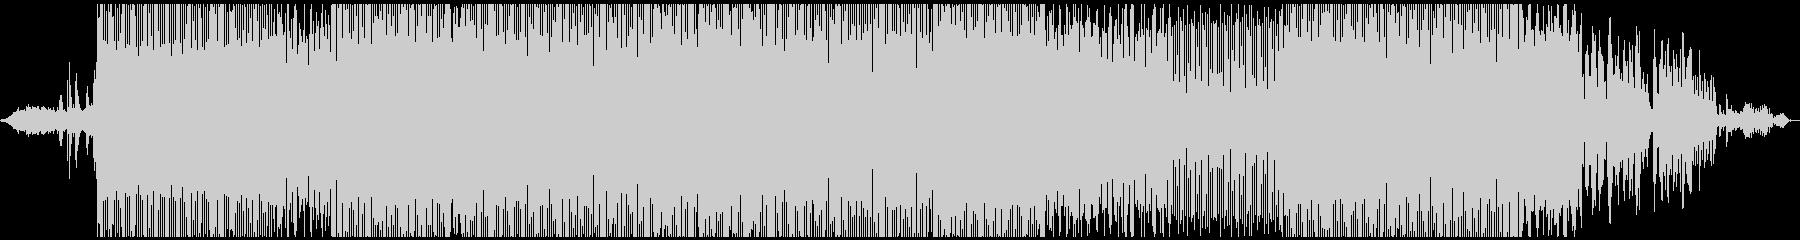 北欧_薄暗く曇ったダブテクノ_ミニマルの未再生の波形